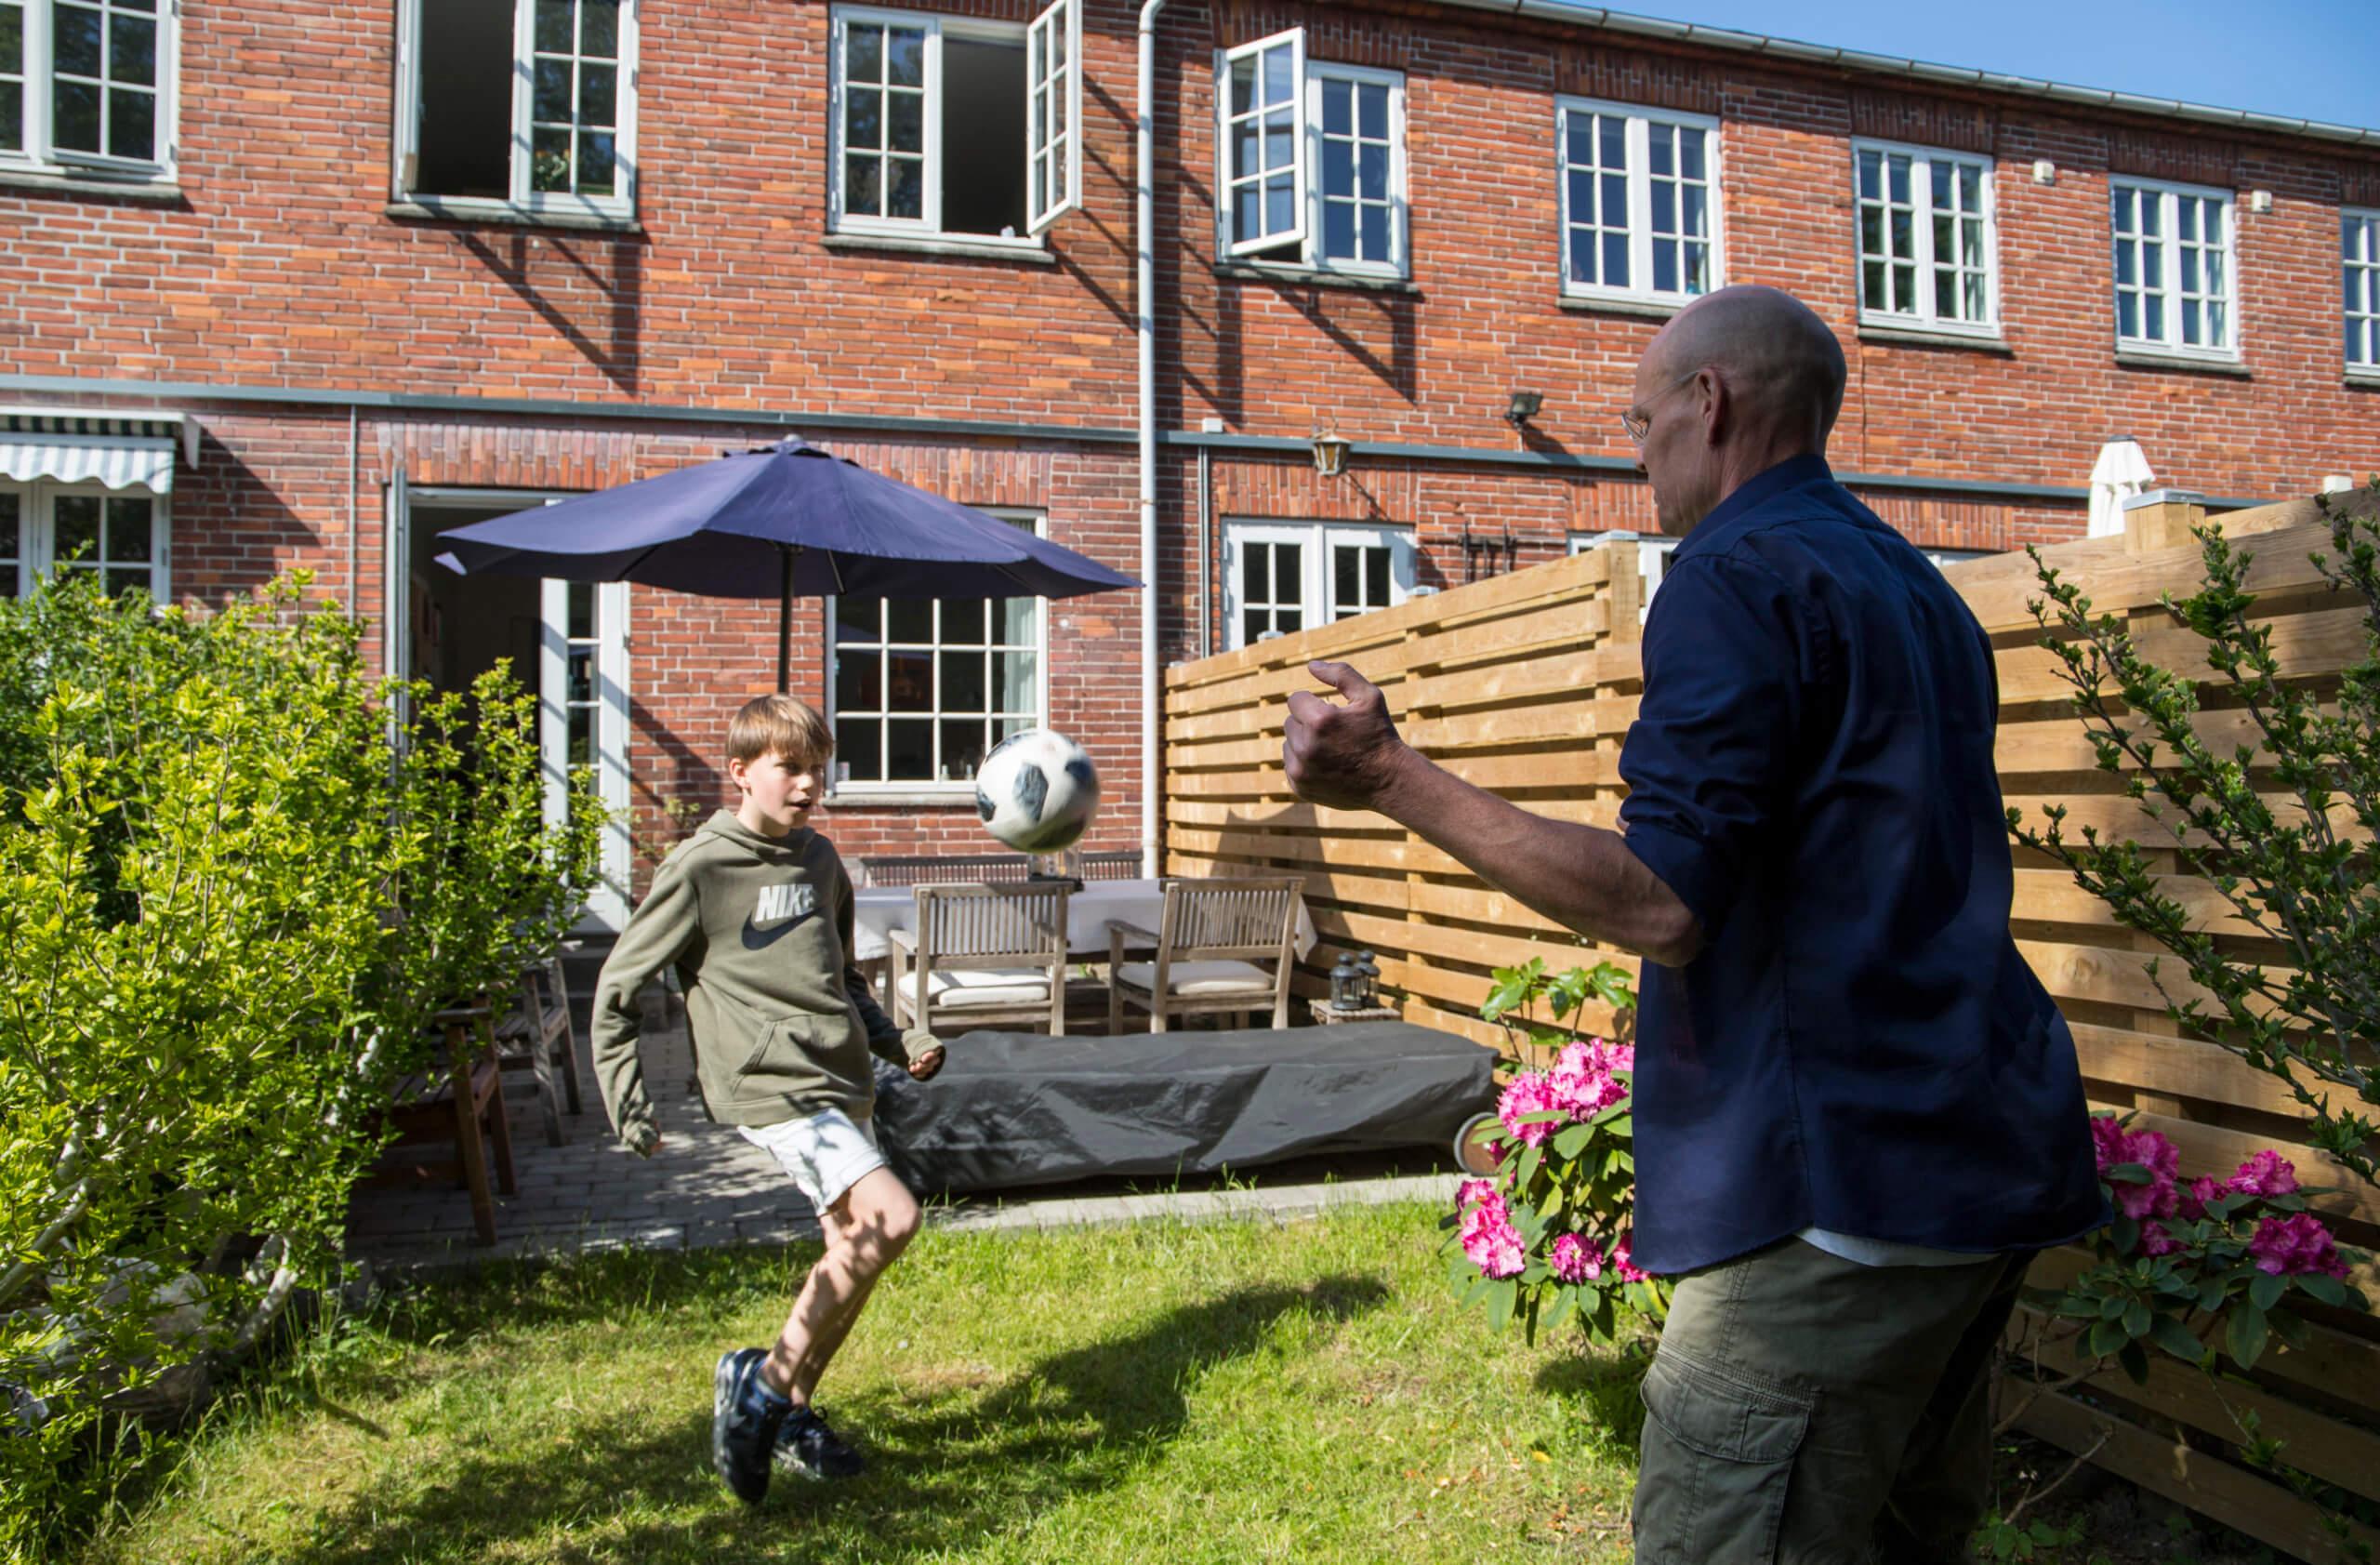 Søn og far spiller fodbold i haven